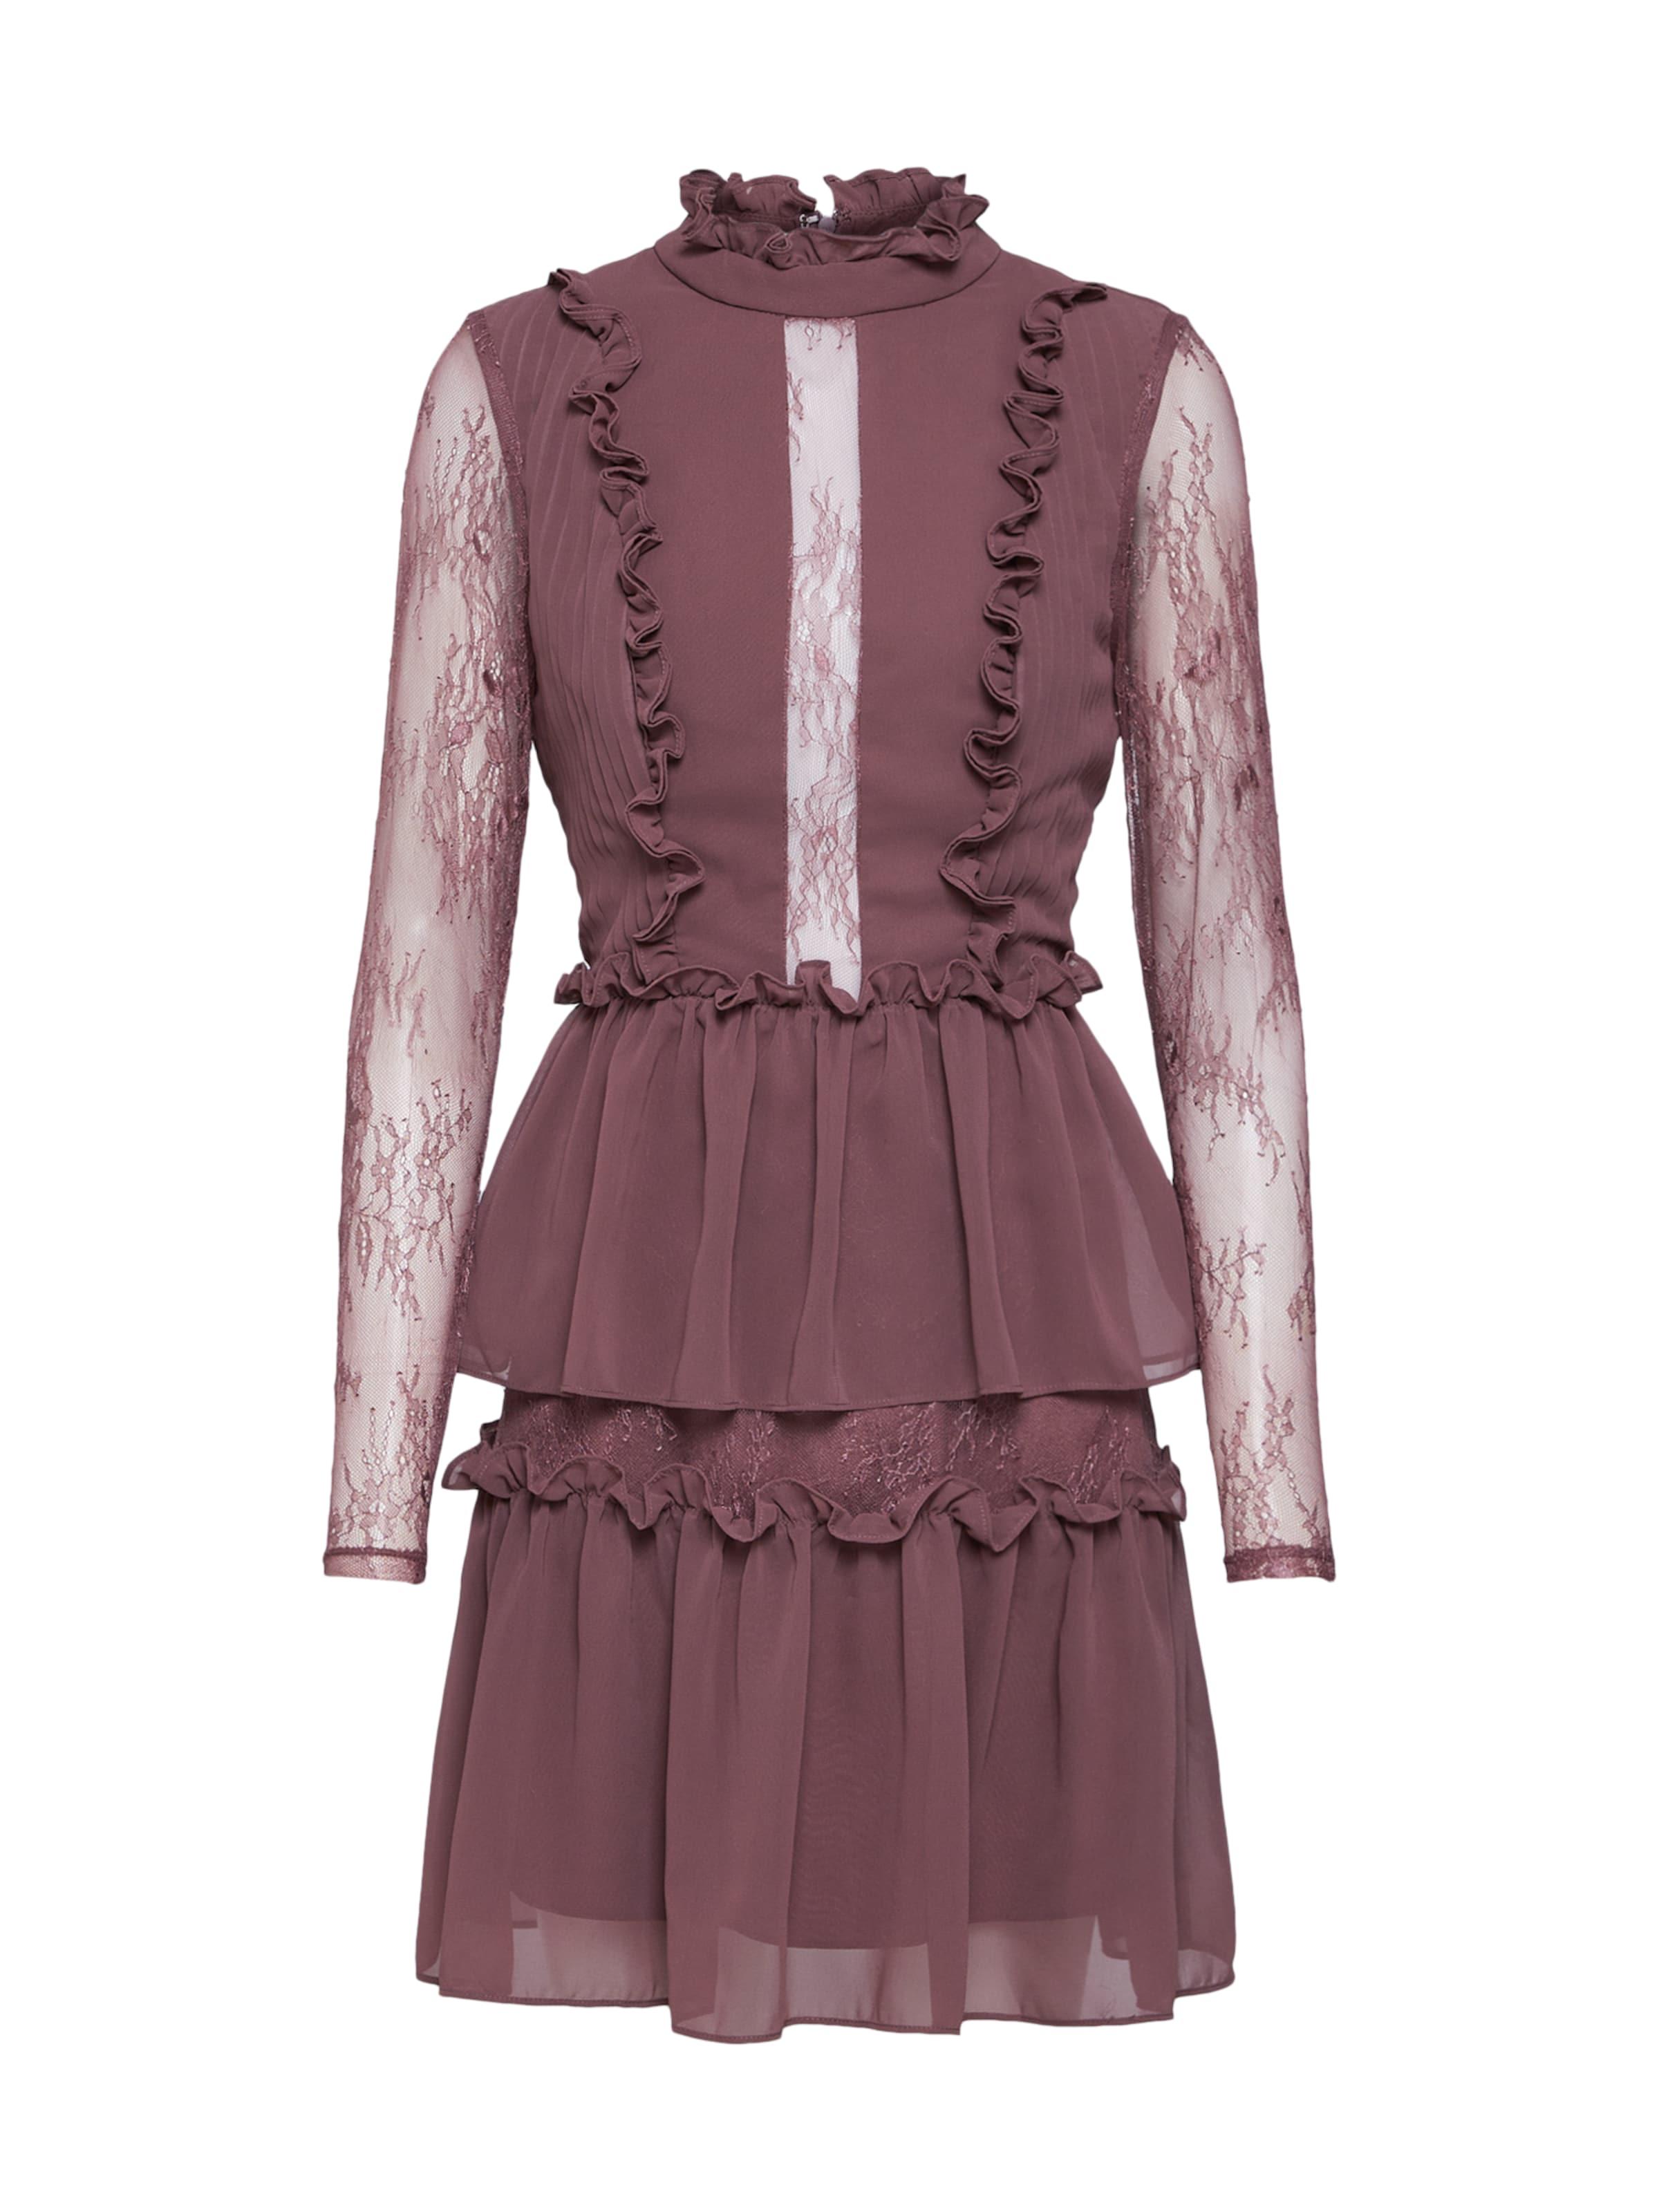 By Aubergine Robe By En Malina FcKJl1